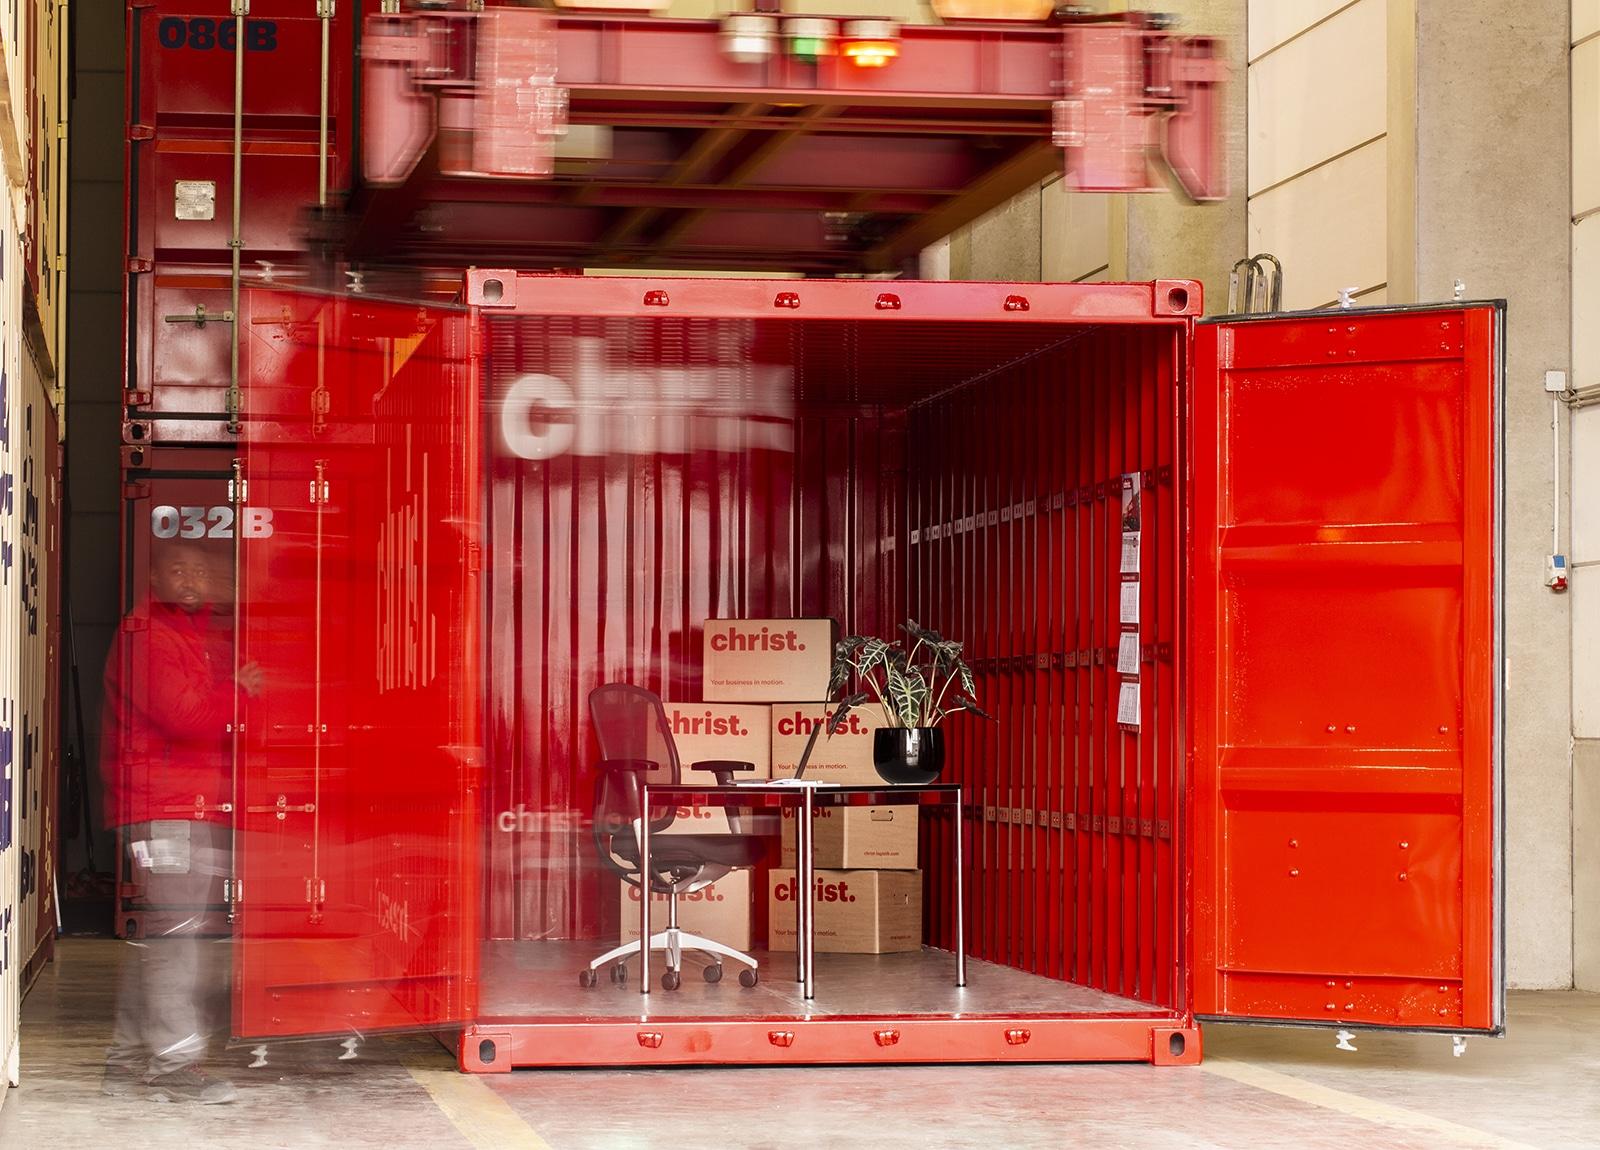 Eingelagerte Möbel in Selfstorage Container